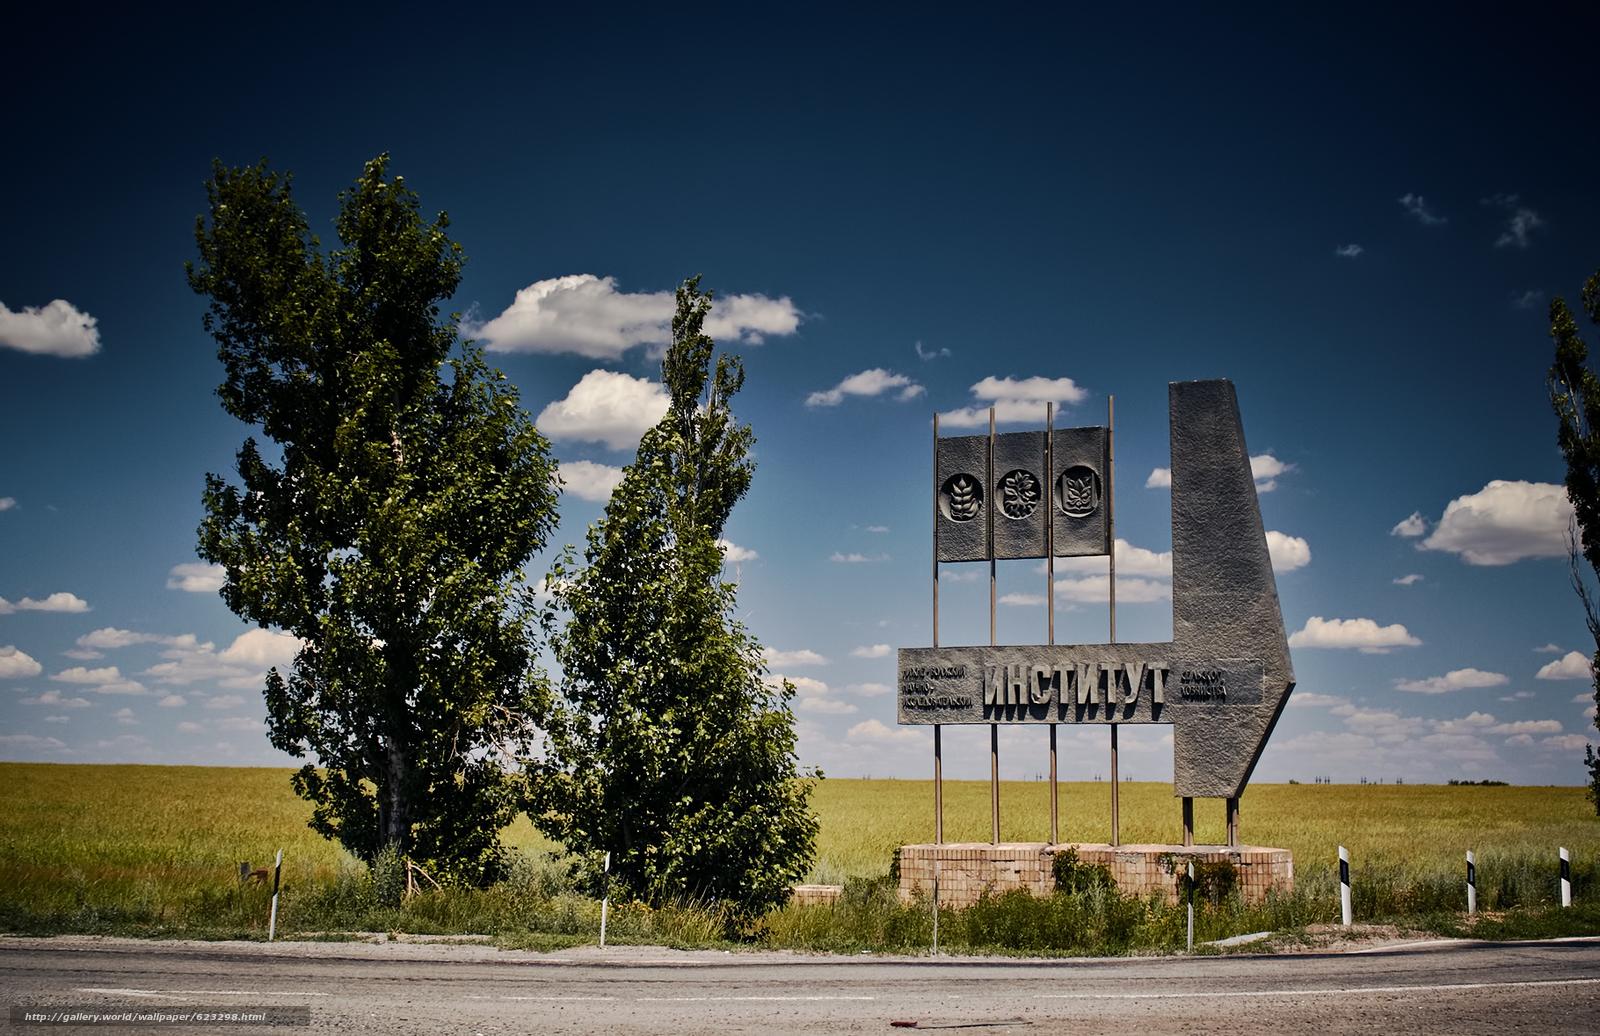 Скачать обои Дорога,  поле,  деревья,  небо бесплатно для рабочего стола в разрешении 1820x1179 — картинка №623298